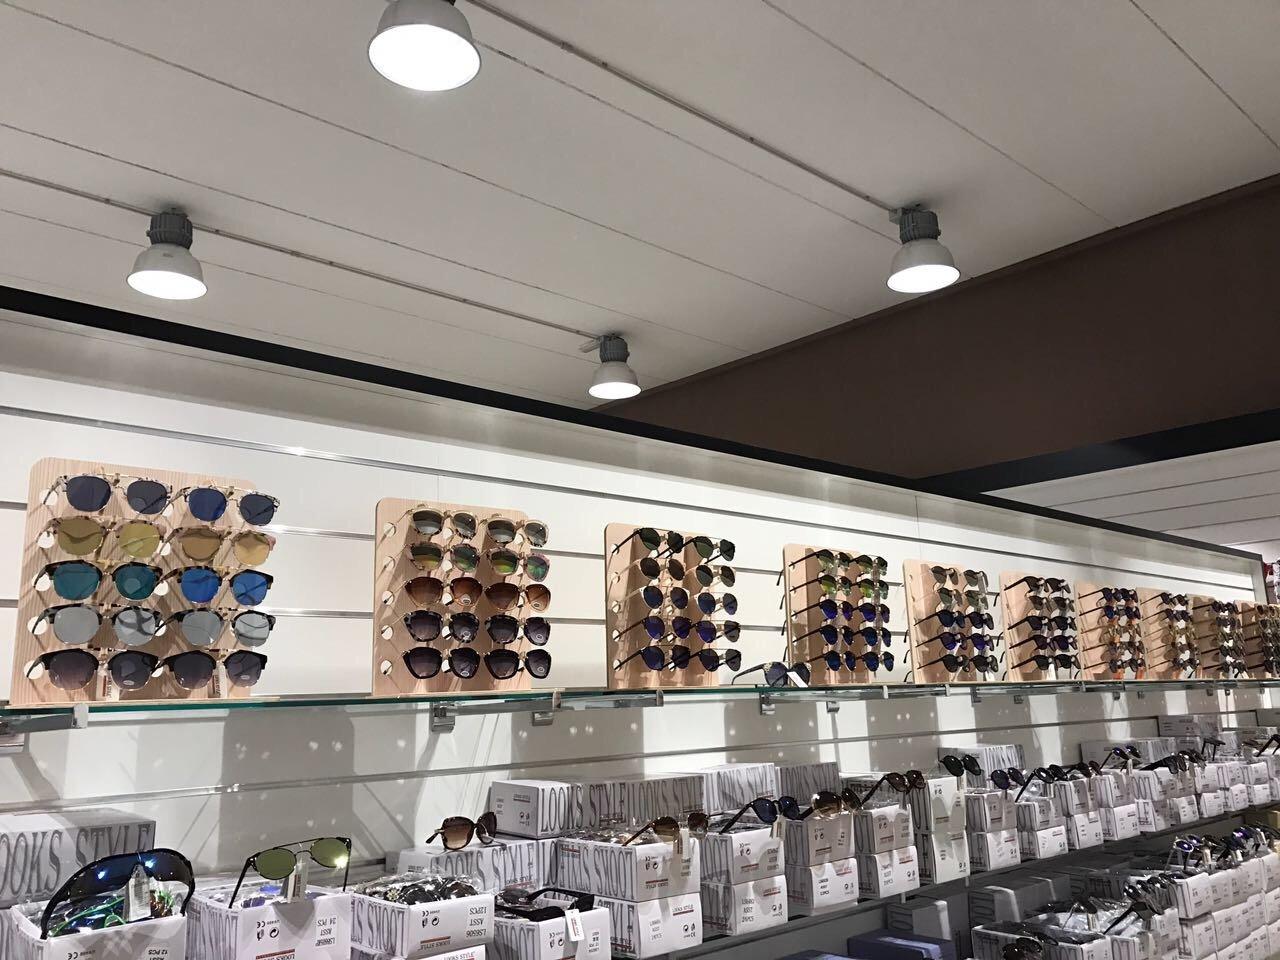 degli occhiali da sole in un negozio